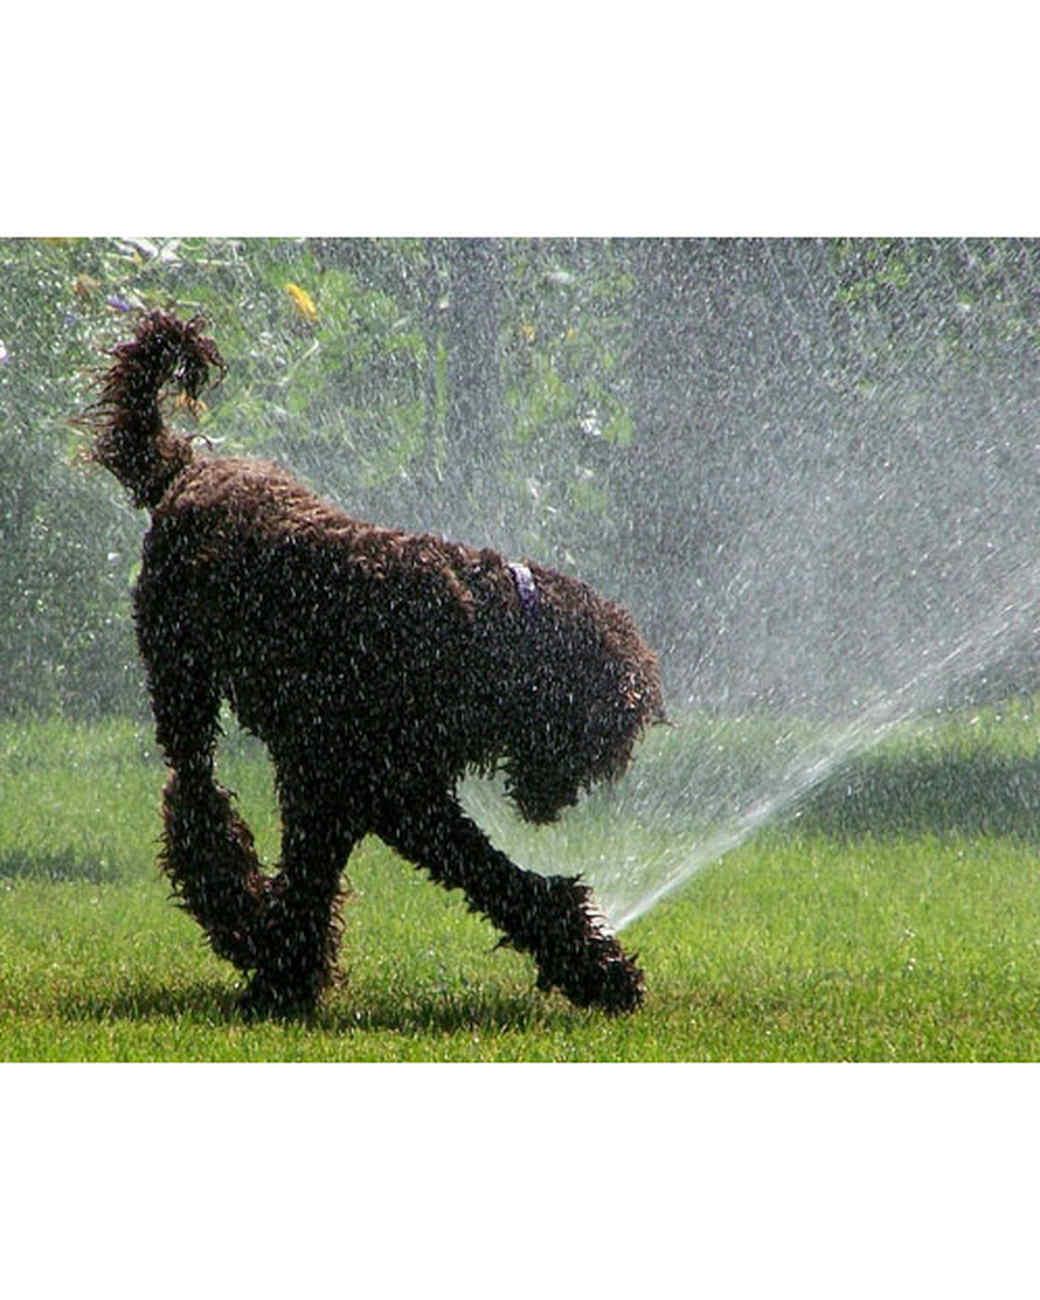 pets-at-play-0311-12957027_30573434.jpg